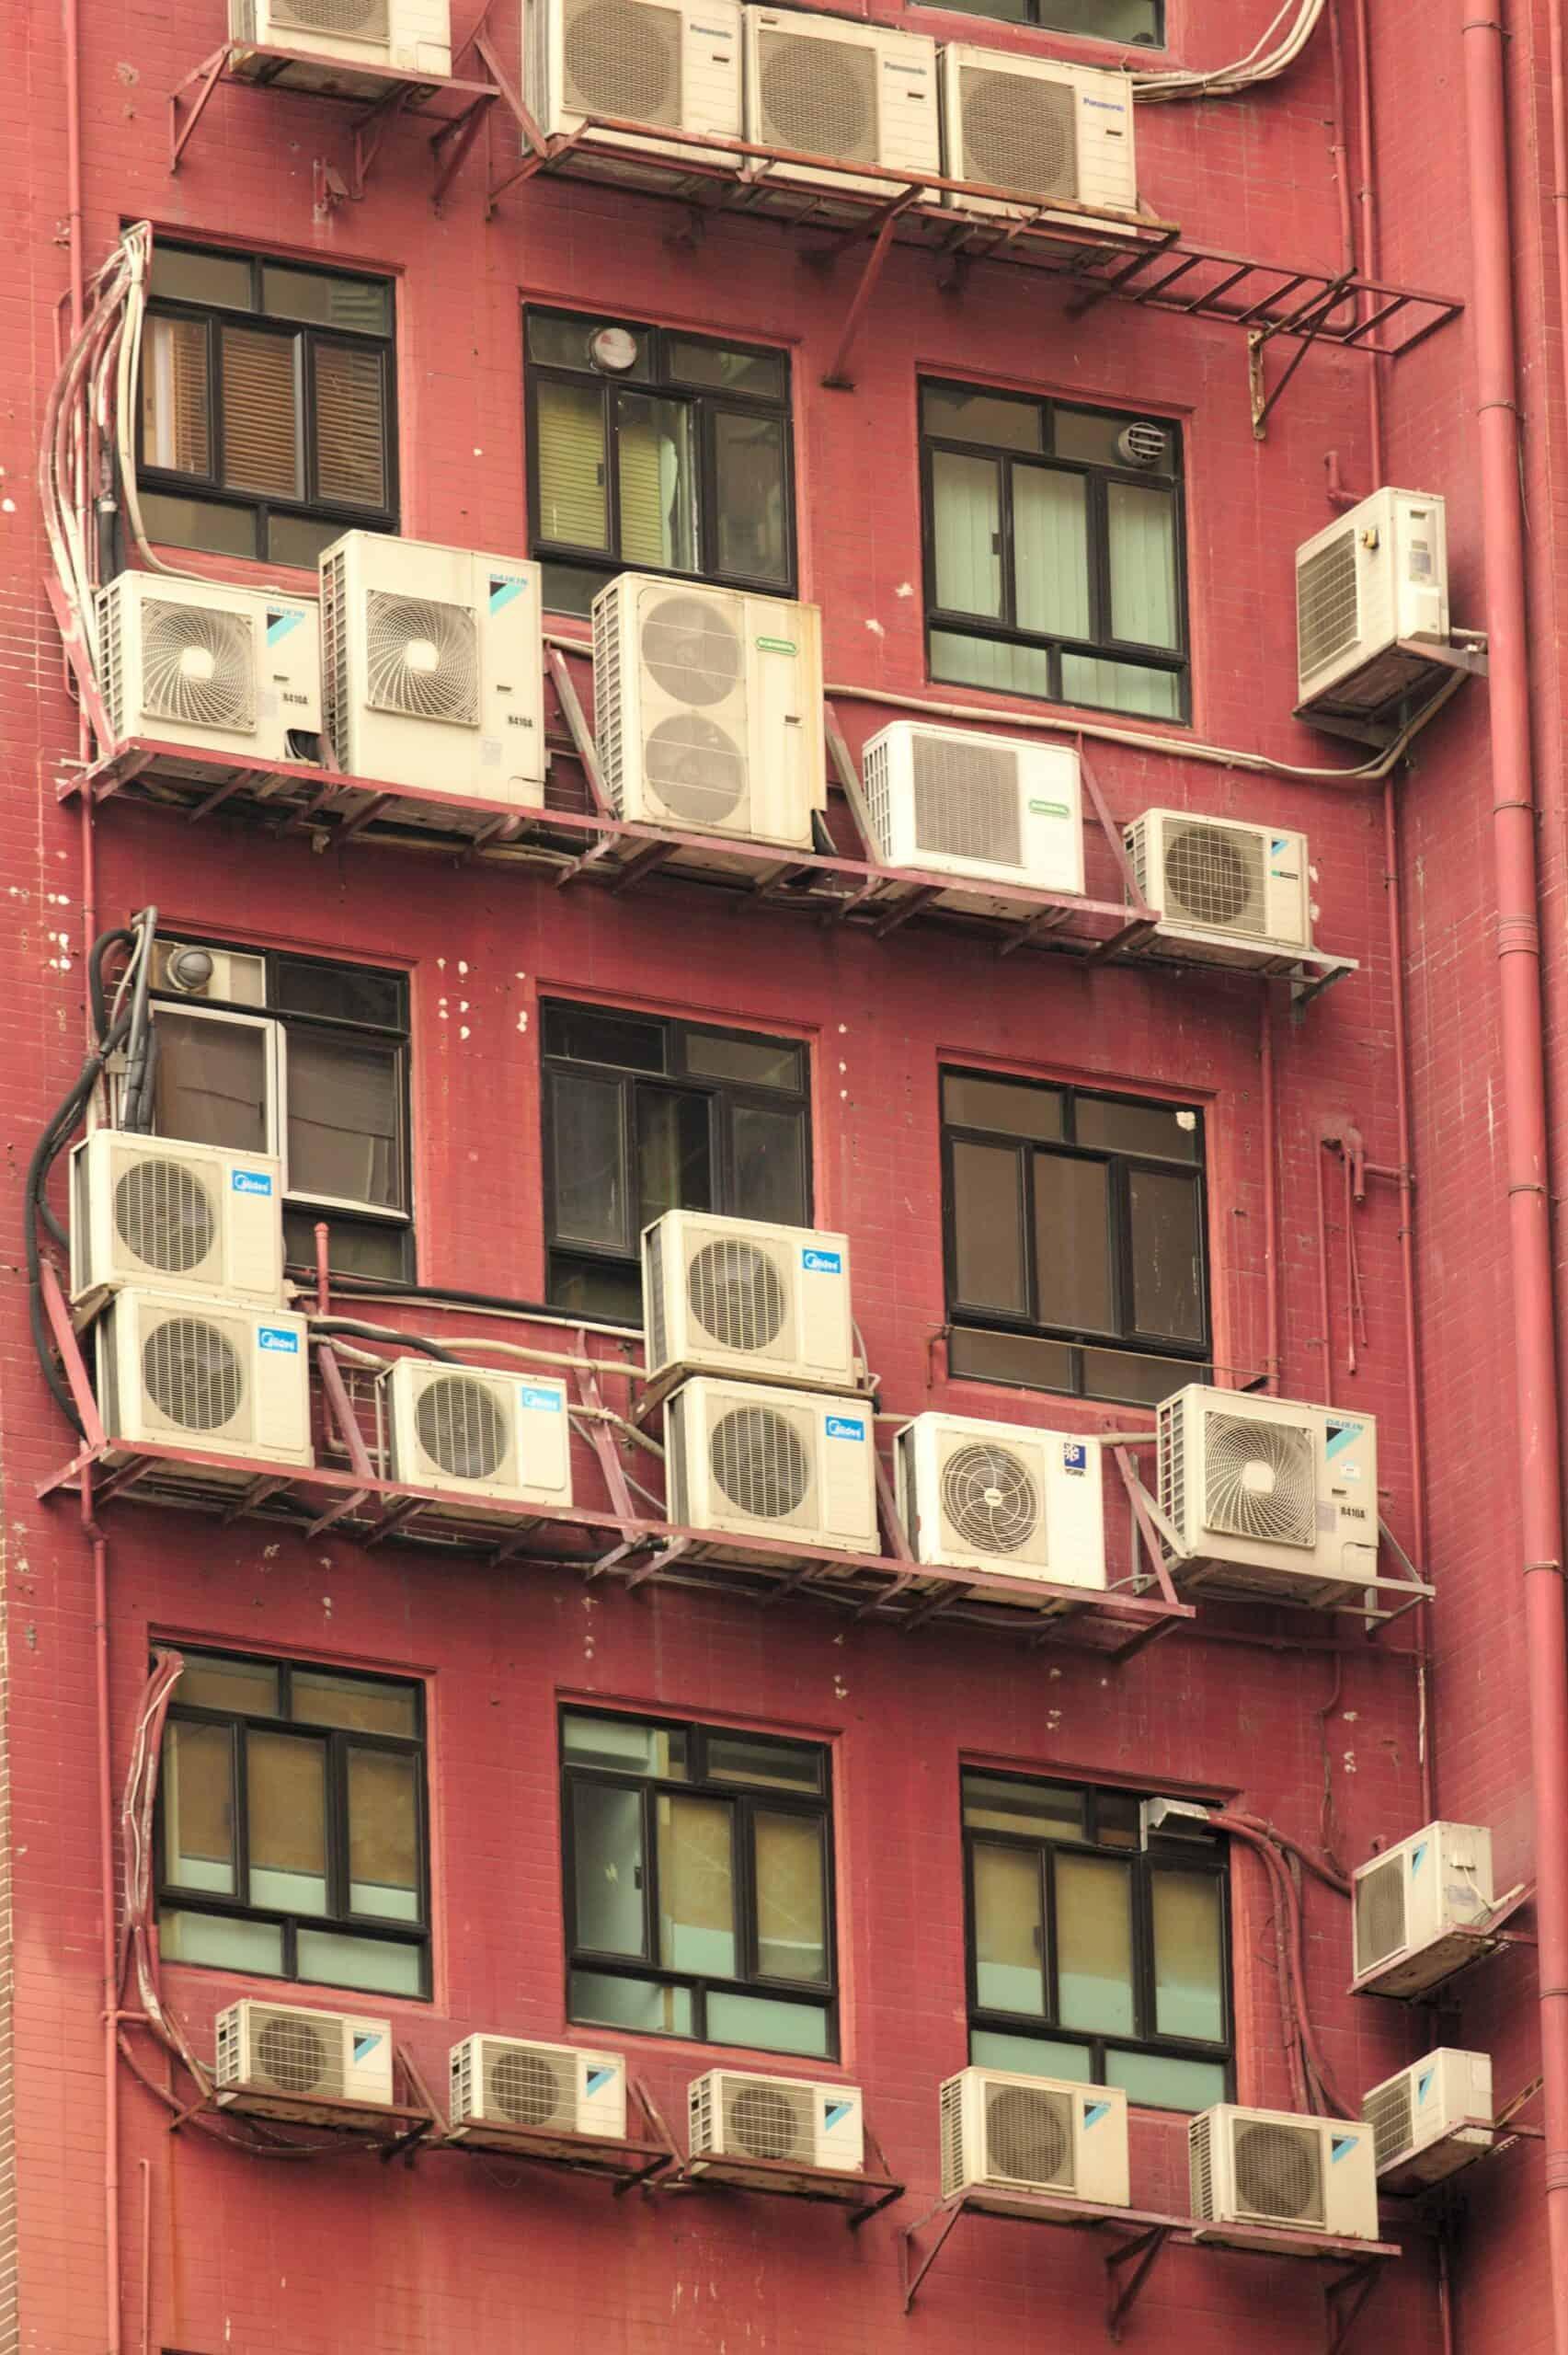 Taloyhtiön ilmalämpöpumput voidaan asentaa myös keskitetysti, jolloin jokaiseen asuntoon ei tule omaa ulkoyksikköä.